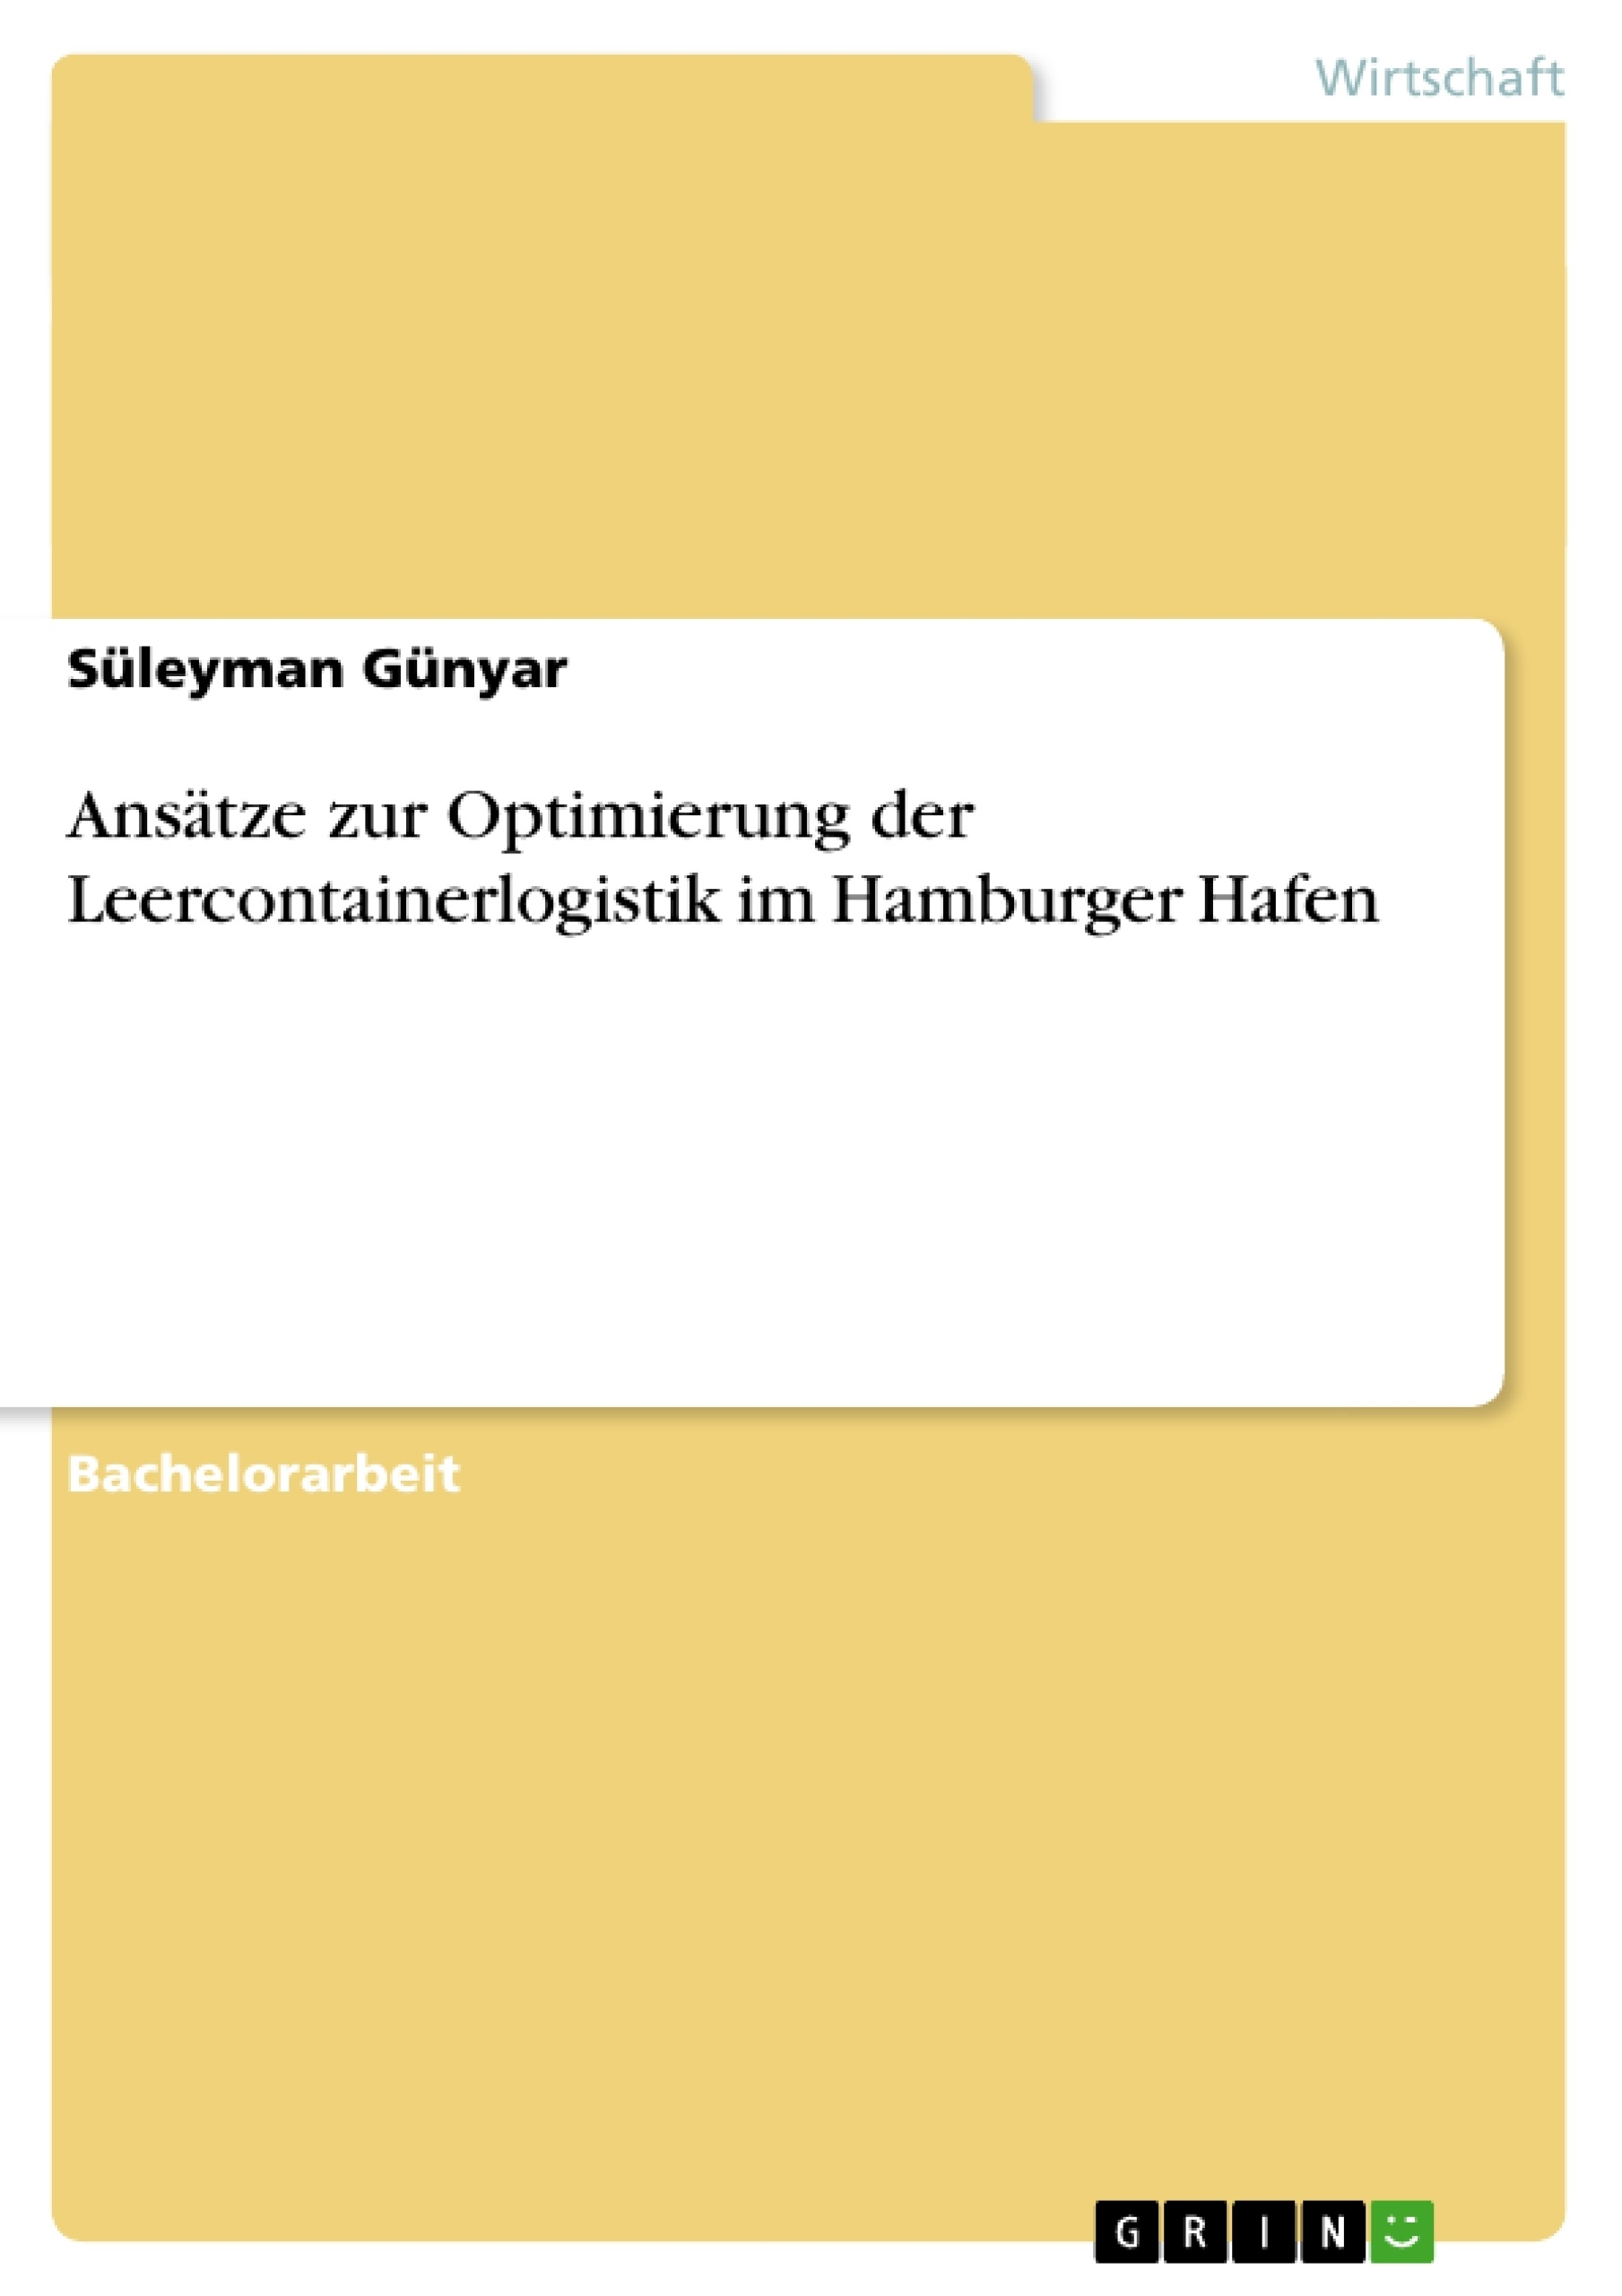 Titel: Ansätze zur Optimierung der Leercontainerlogistik im Hamburger Hafen